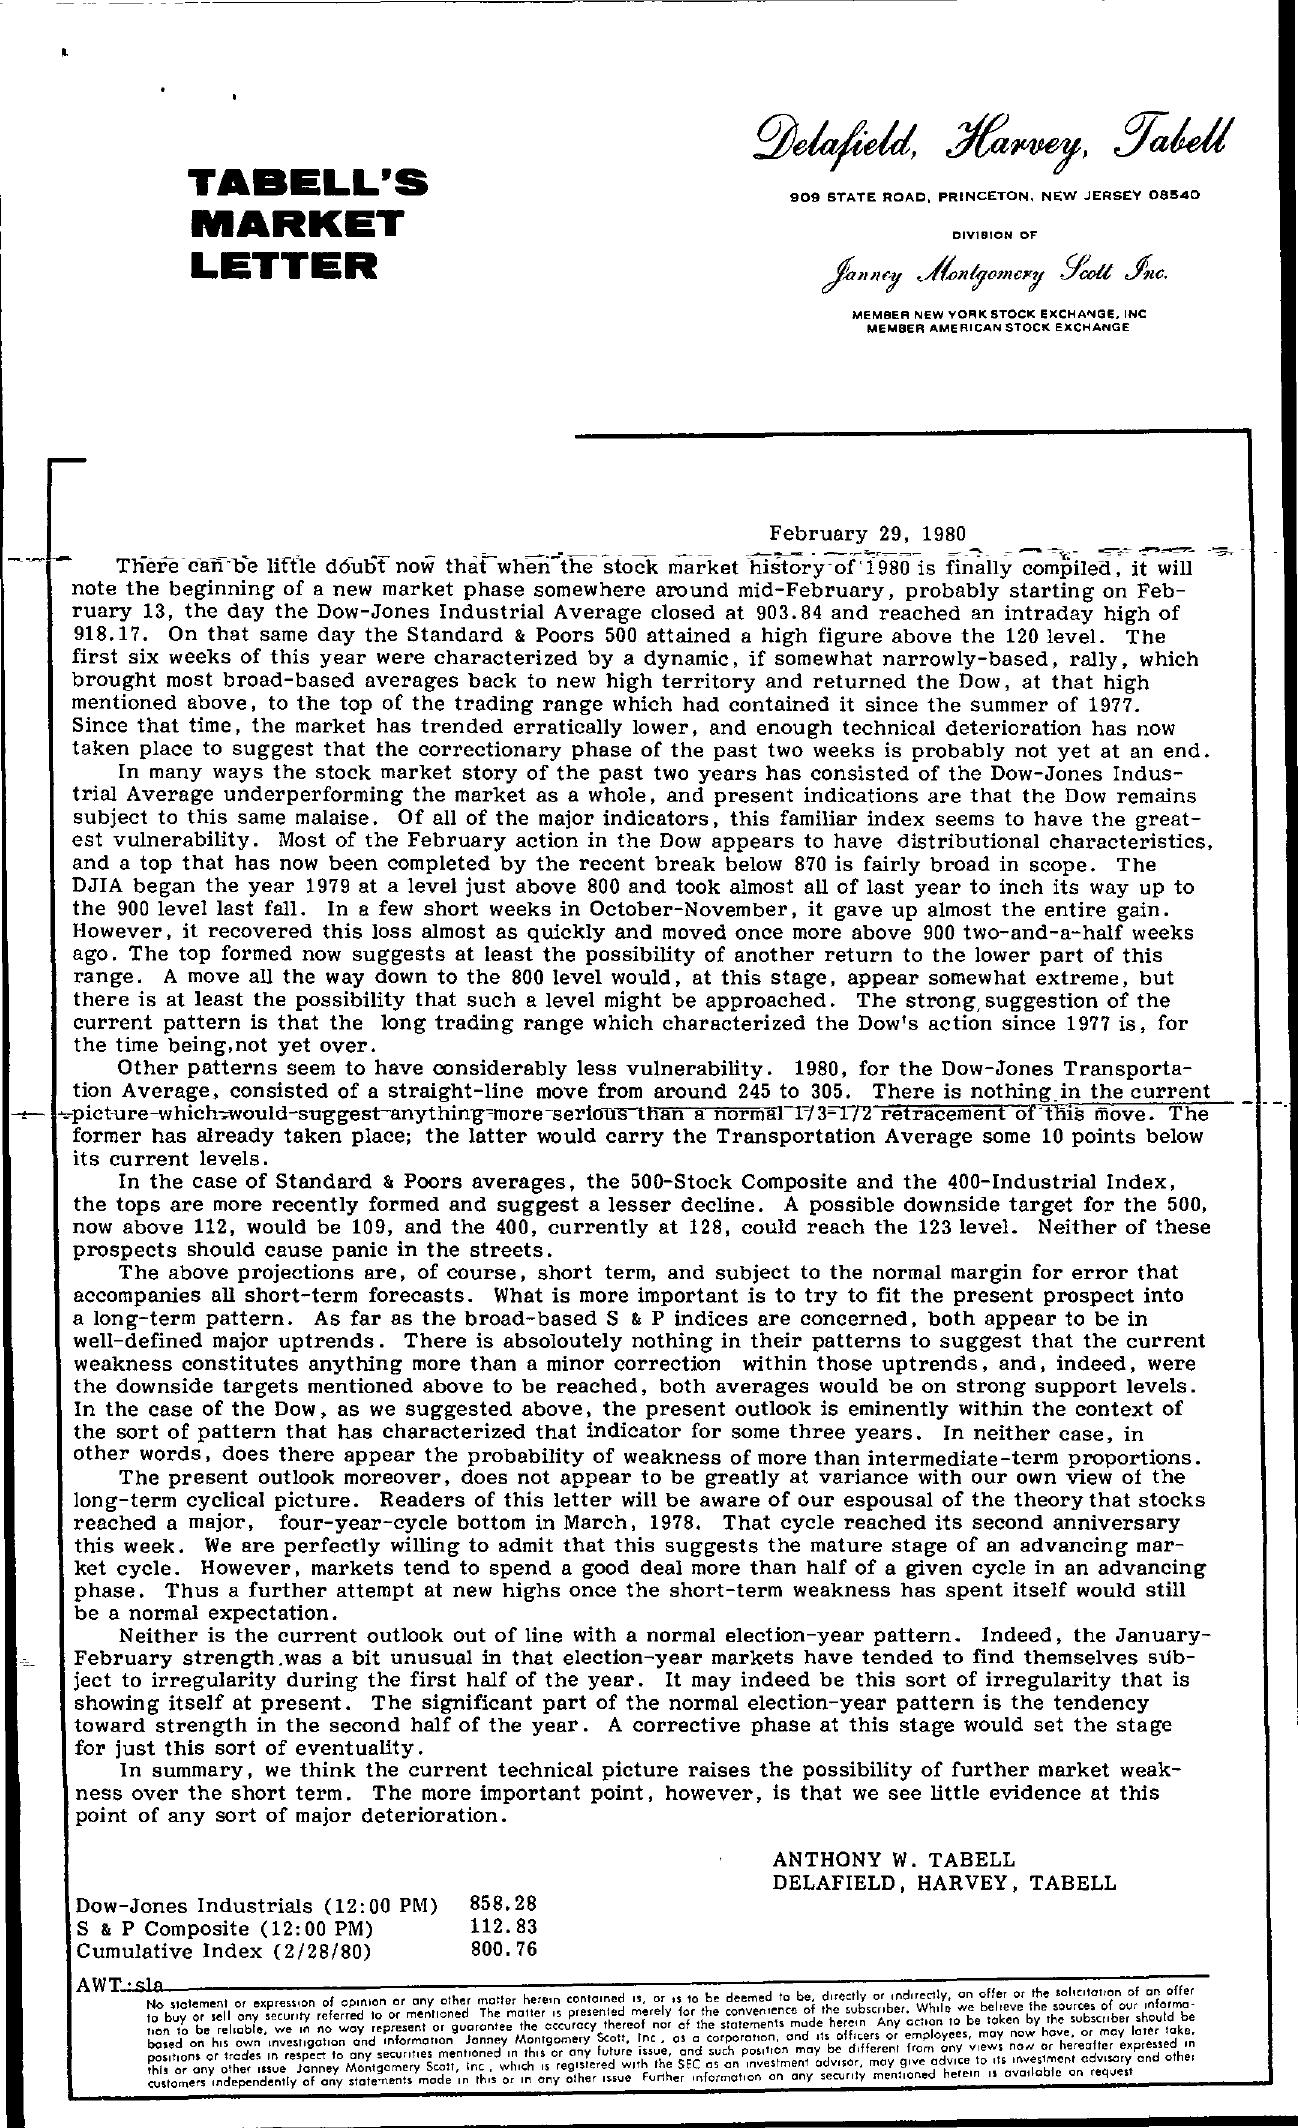 Tabell's Market Letter - February 29, 1980